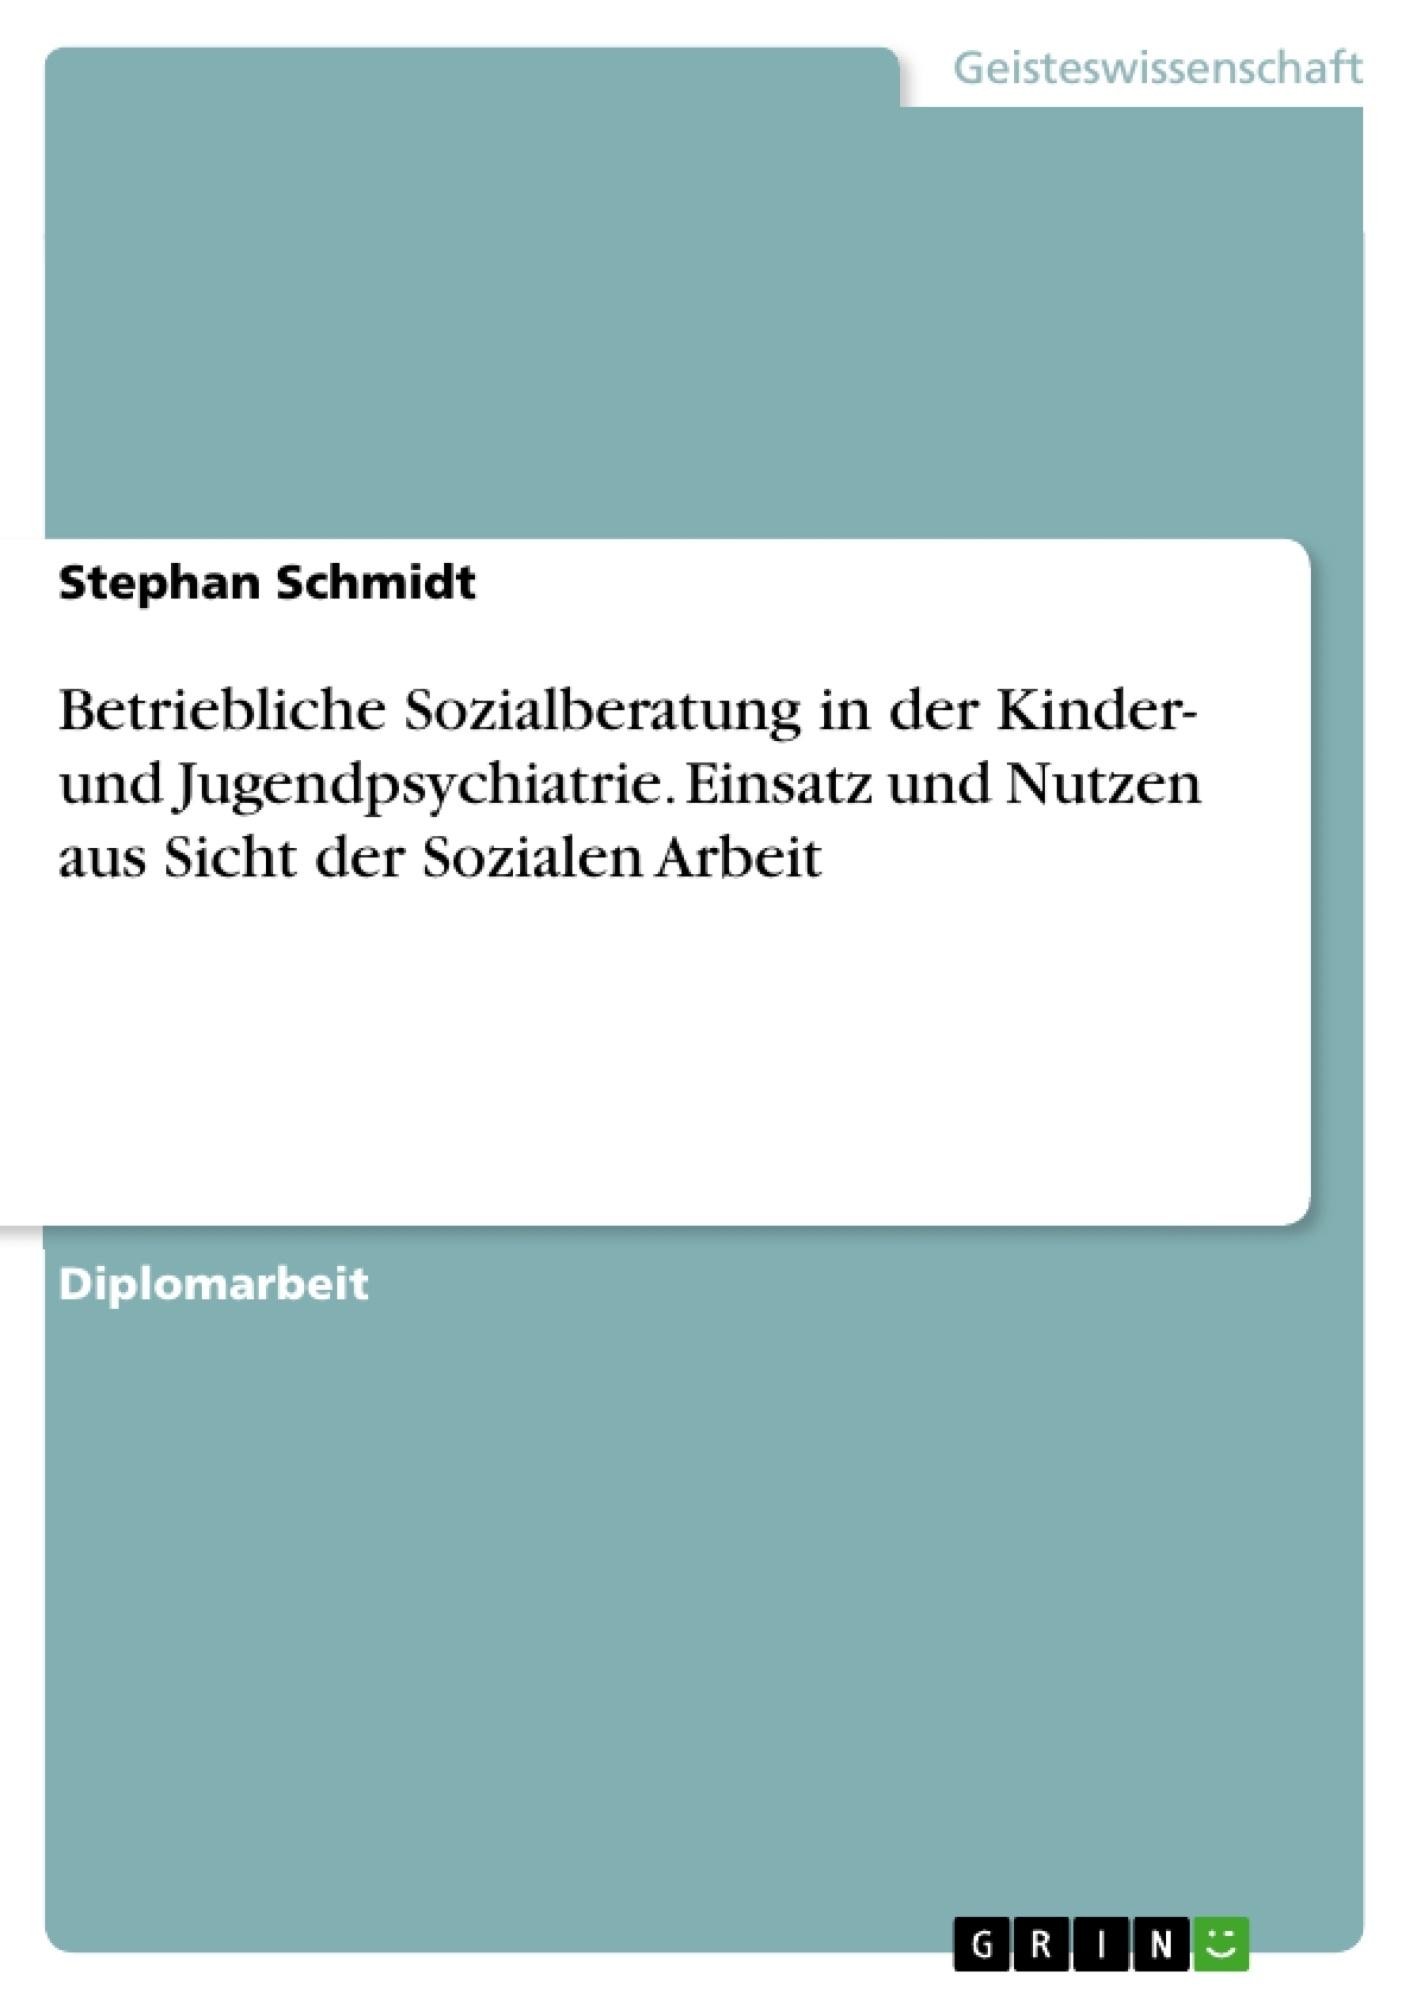 Titel: Betriebliche Sozialberatung in der Kinder- und Jugendpsychiatrie. Einsatz und Nutzen aus Sicht der Sozialen Arbeit